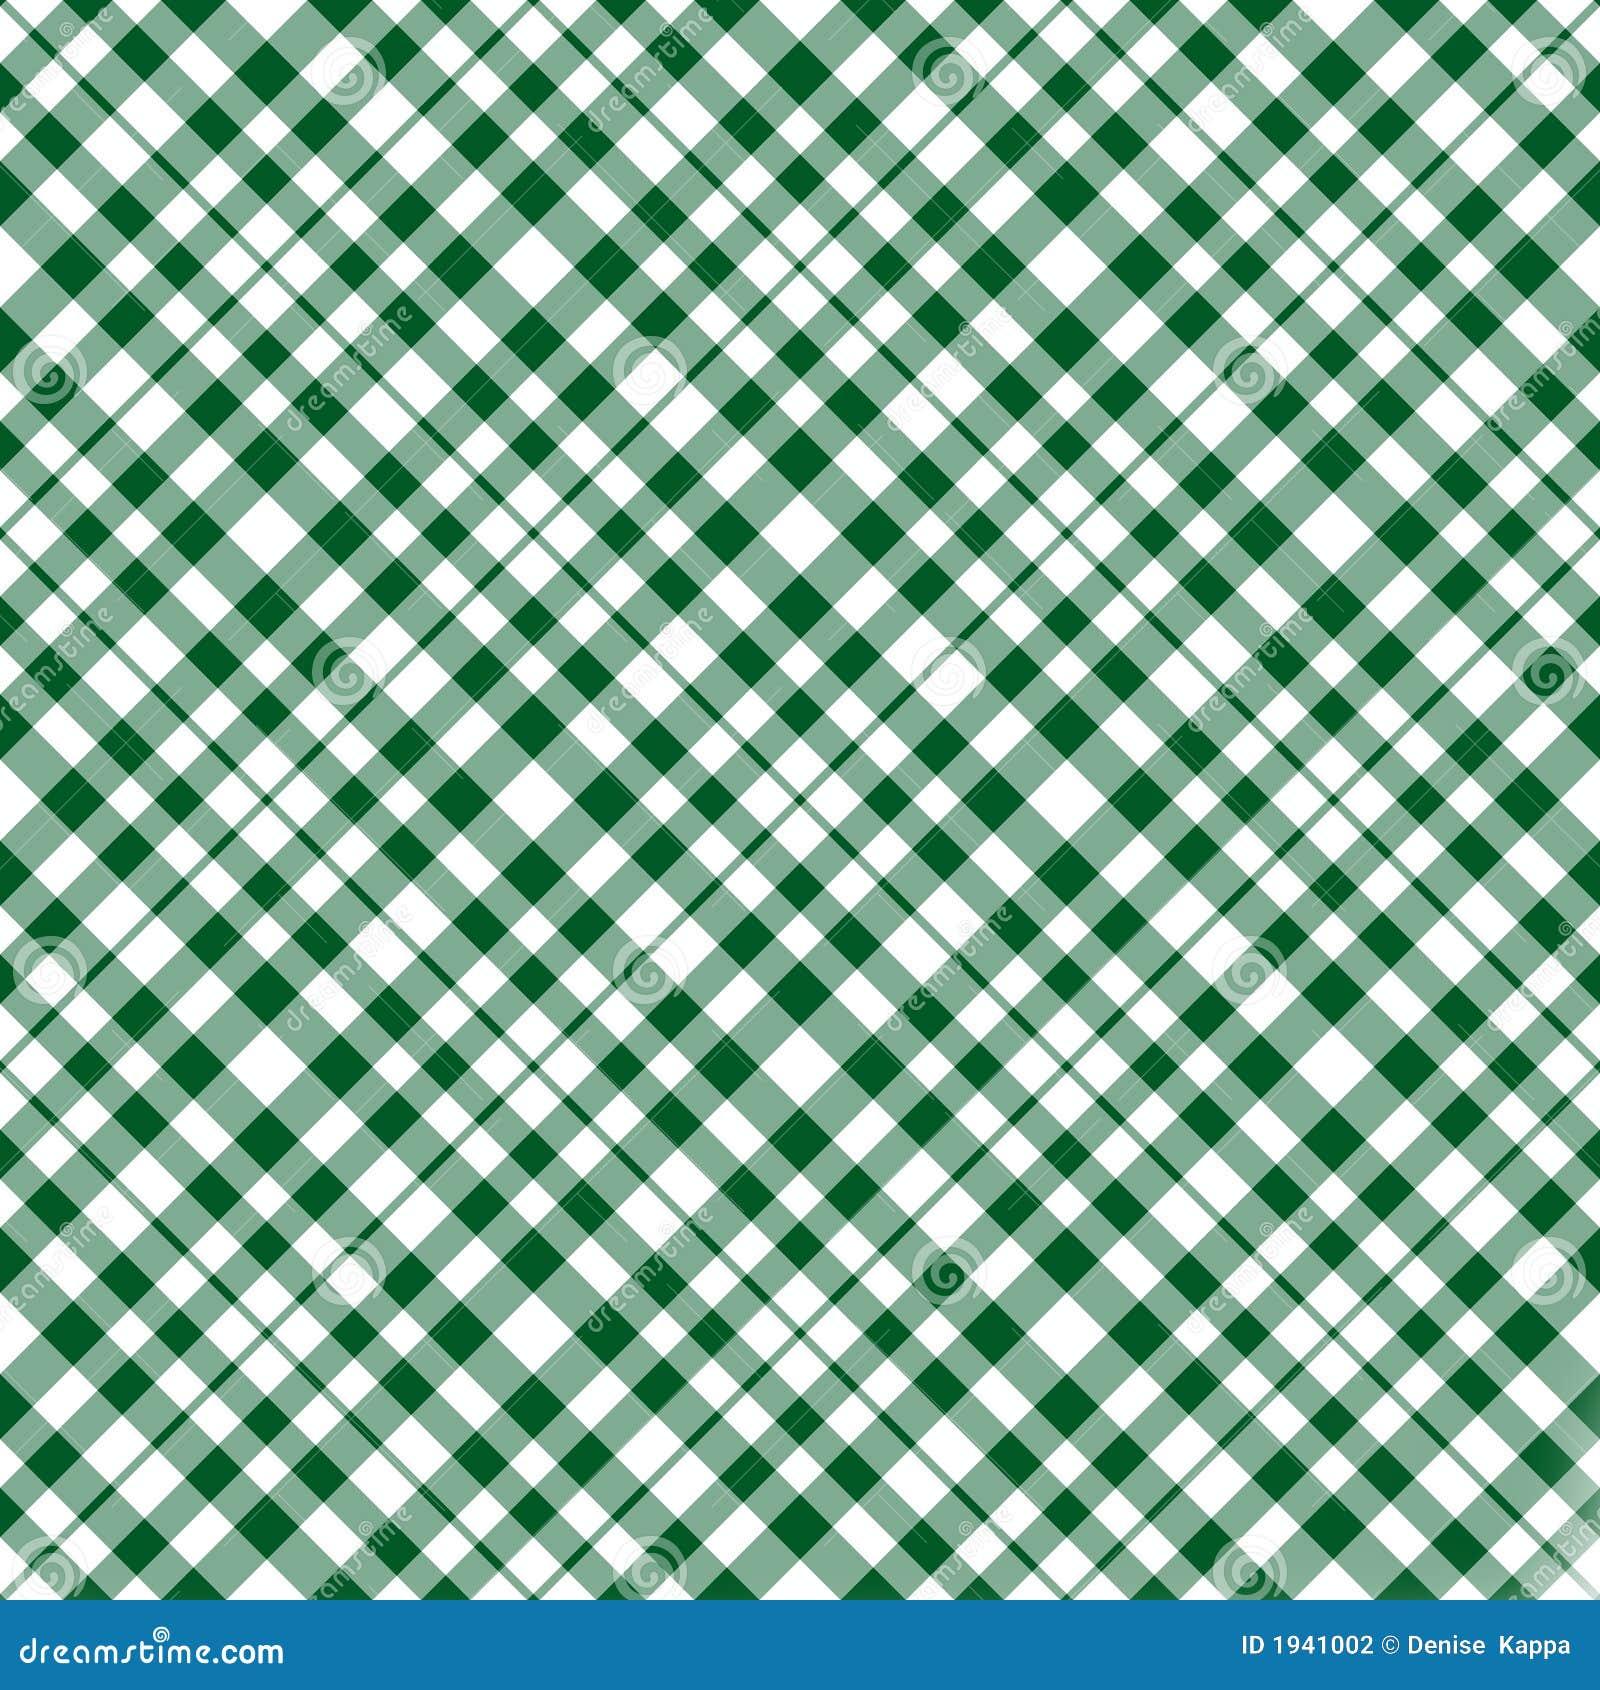 green plaid background stock illustration image of background 1941002. Black Bedroom Furniture Sets. Home Design Ideas